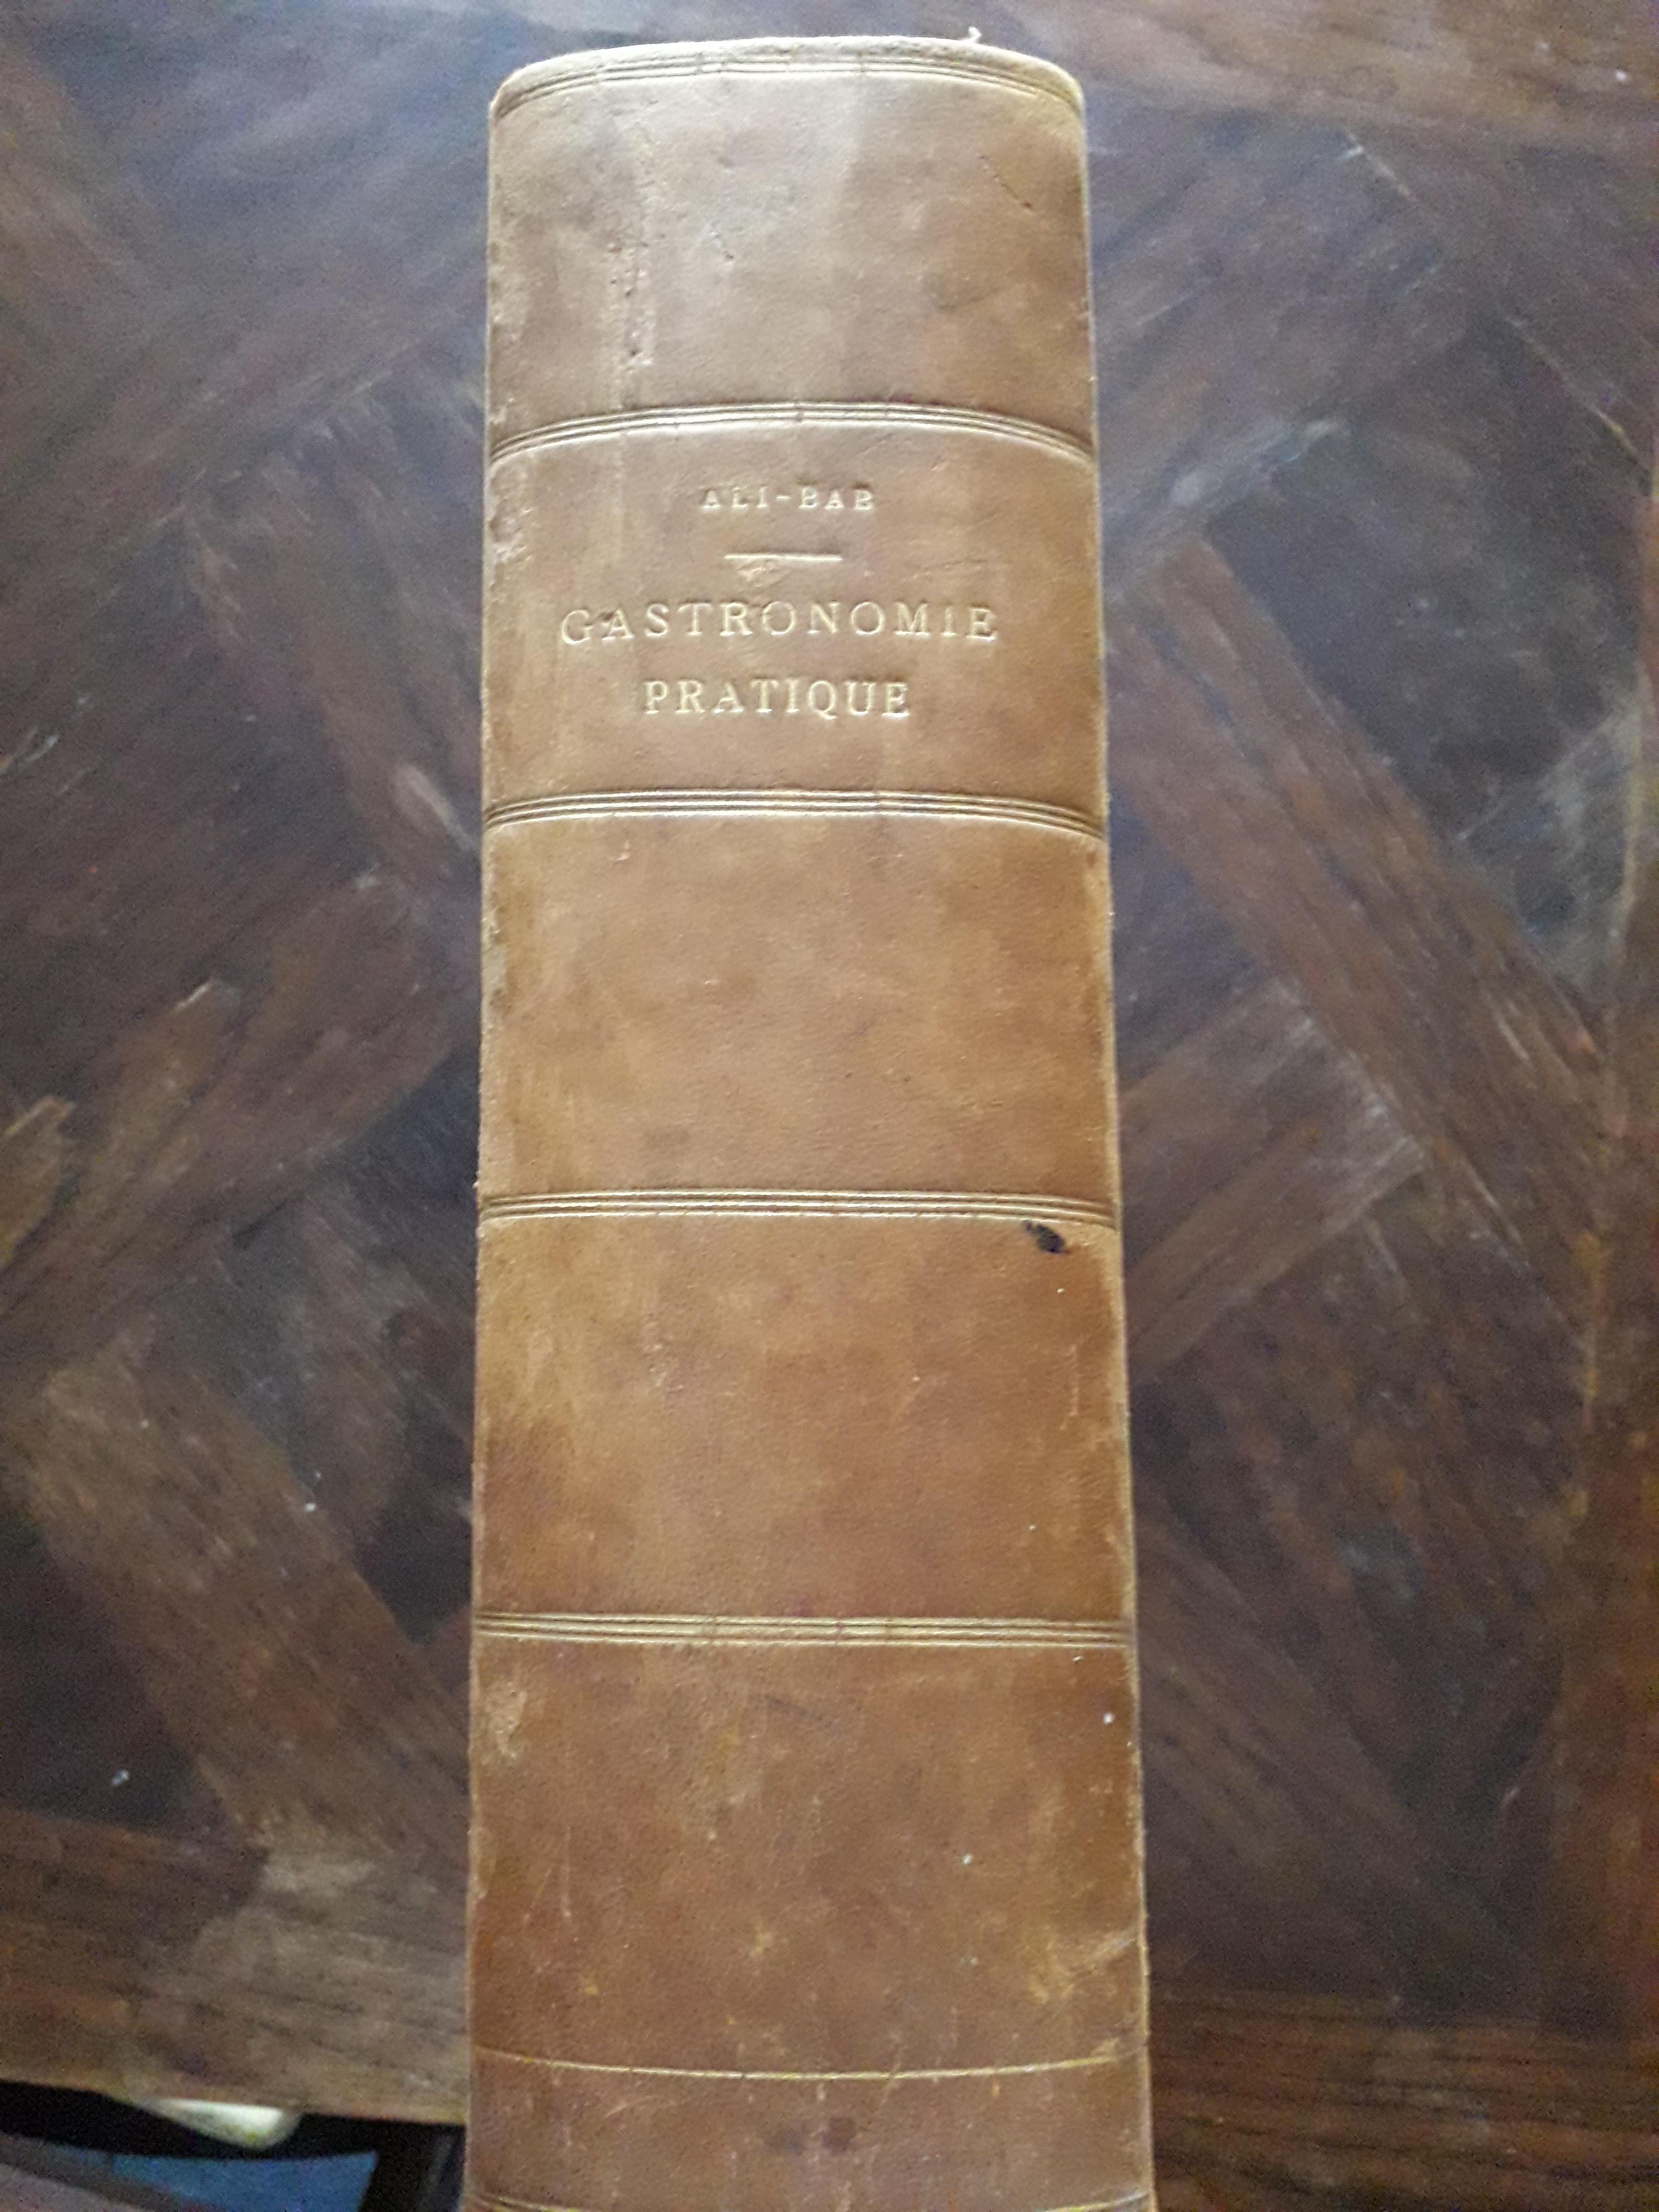 Livre Ancien De Cuisine Gastronomie Pratique Par Ali Bab De 1923